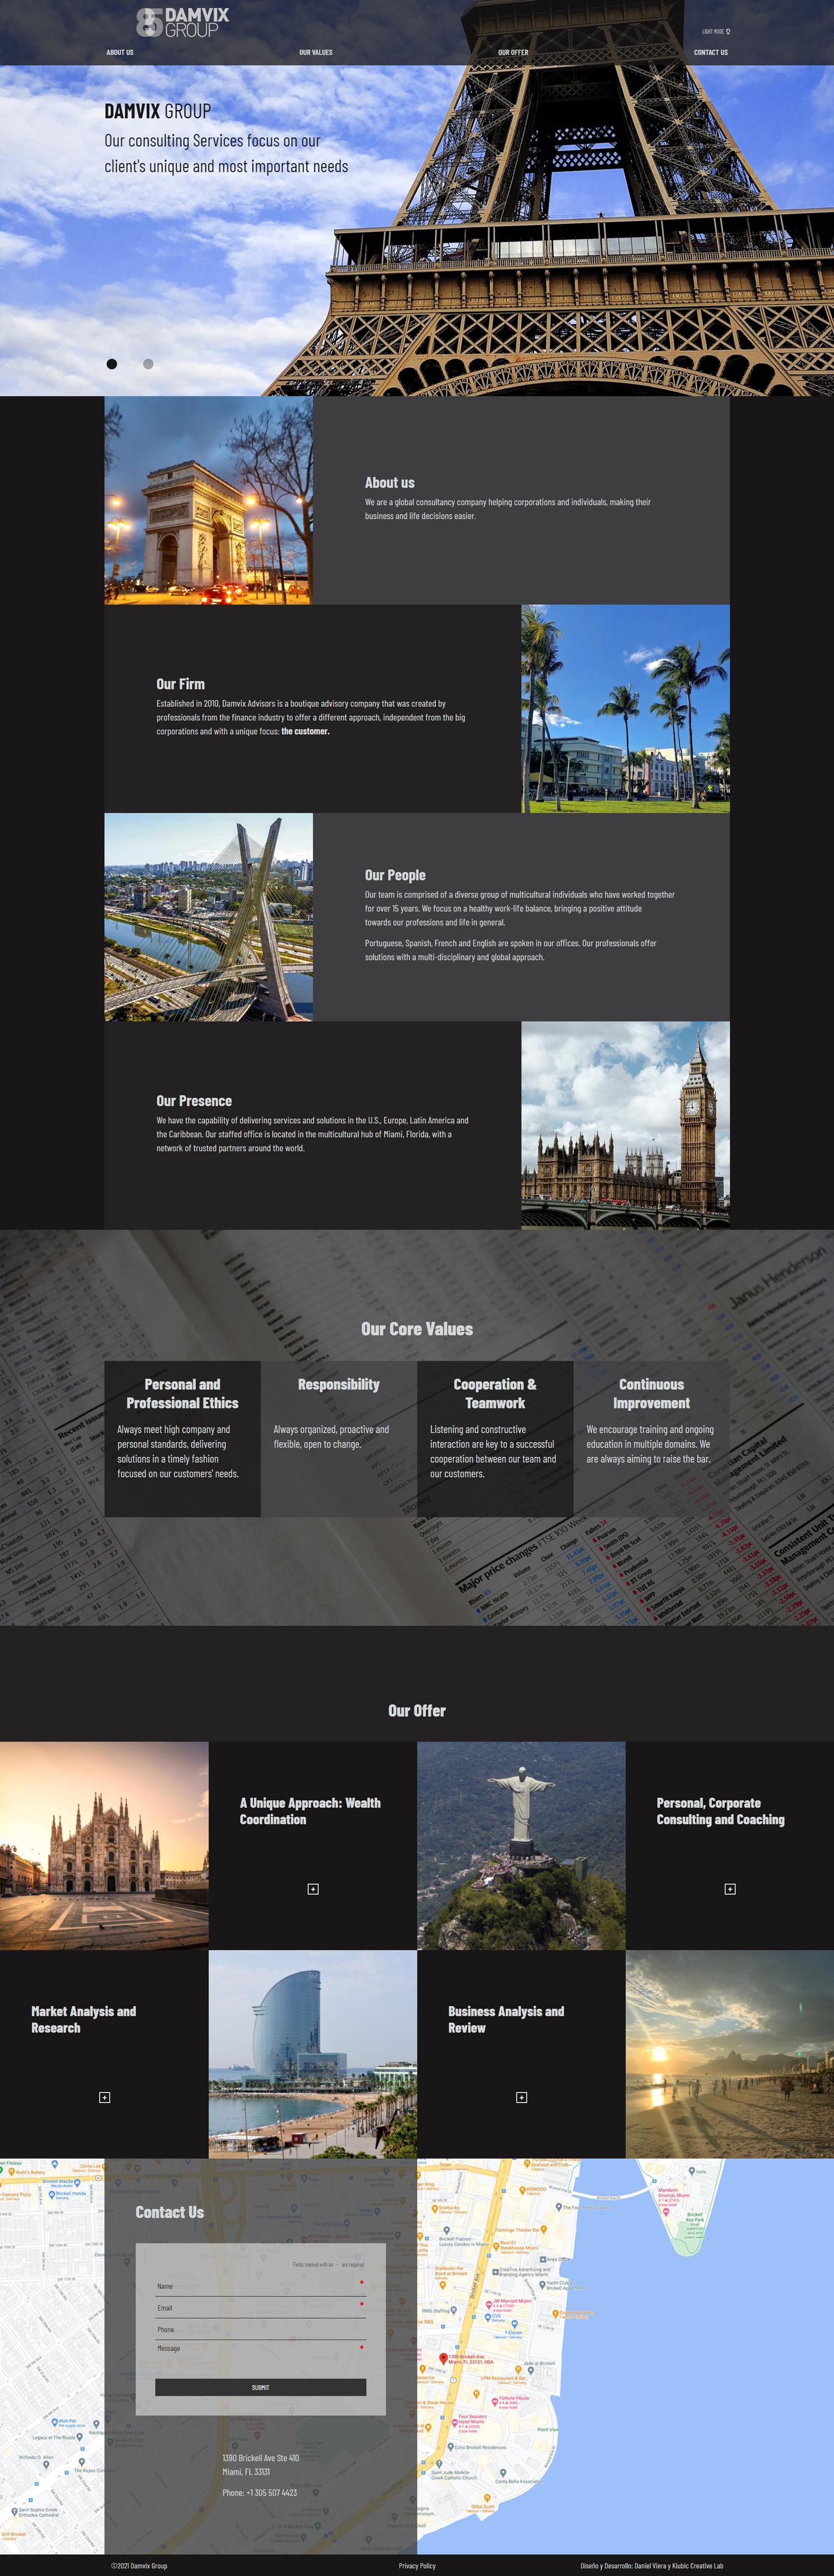 Damvix Group | Sitio web de una firma de consultoría financiera. Página de scroll infinito desarrollado con WordPress, bootstrap 4 y sass.